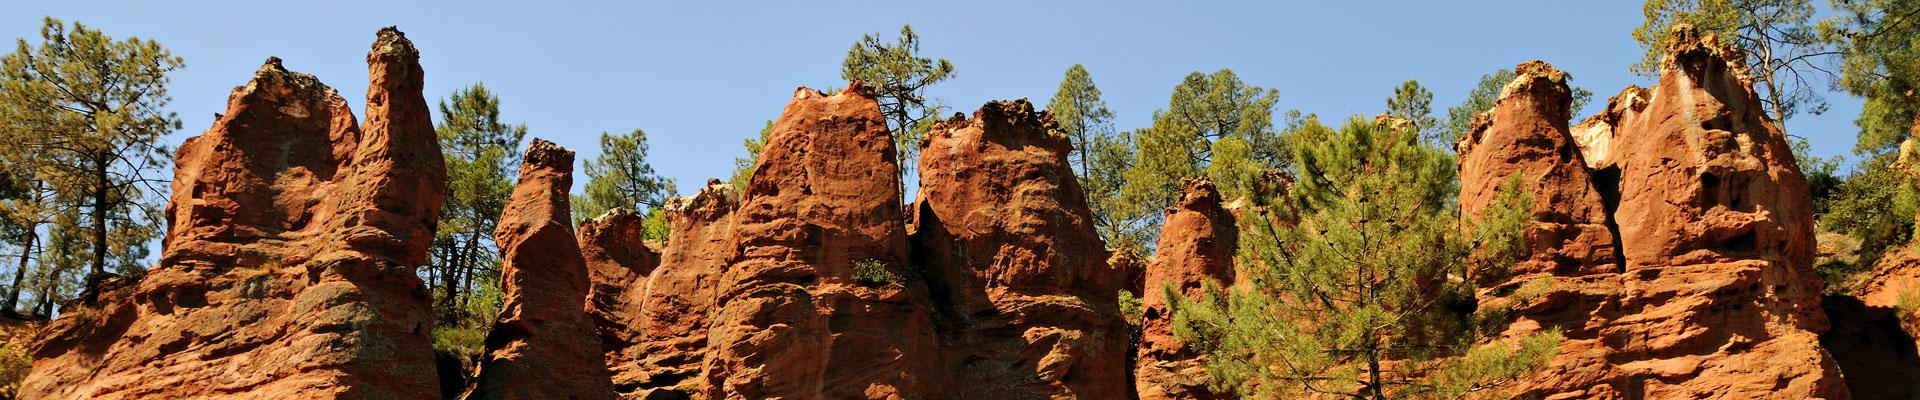 Top image sentier des ocres à Roussillon